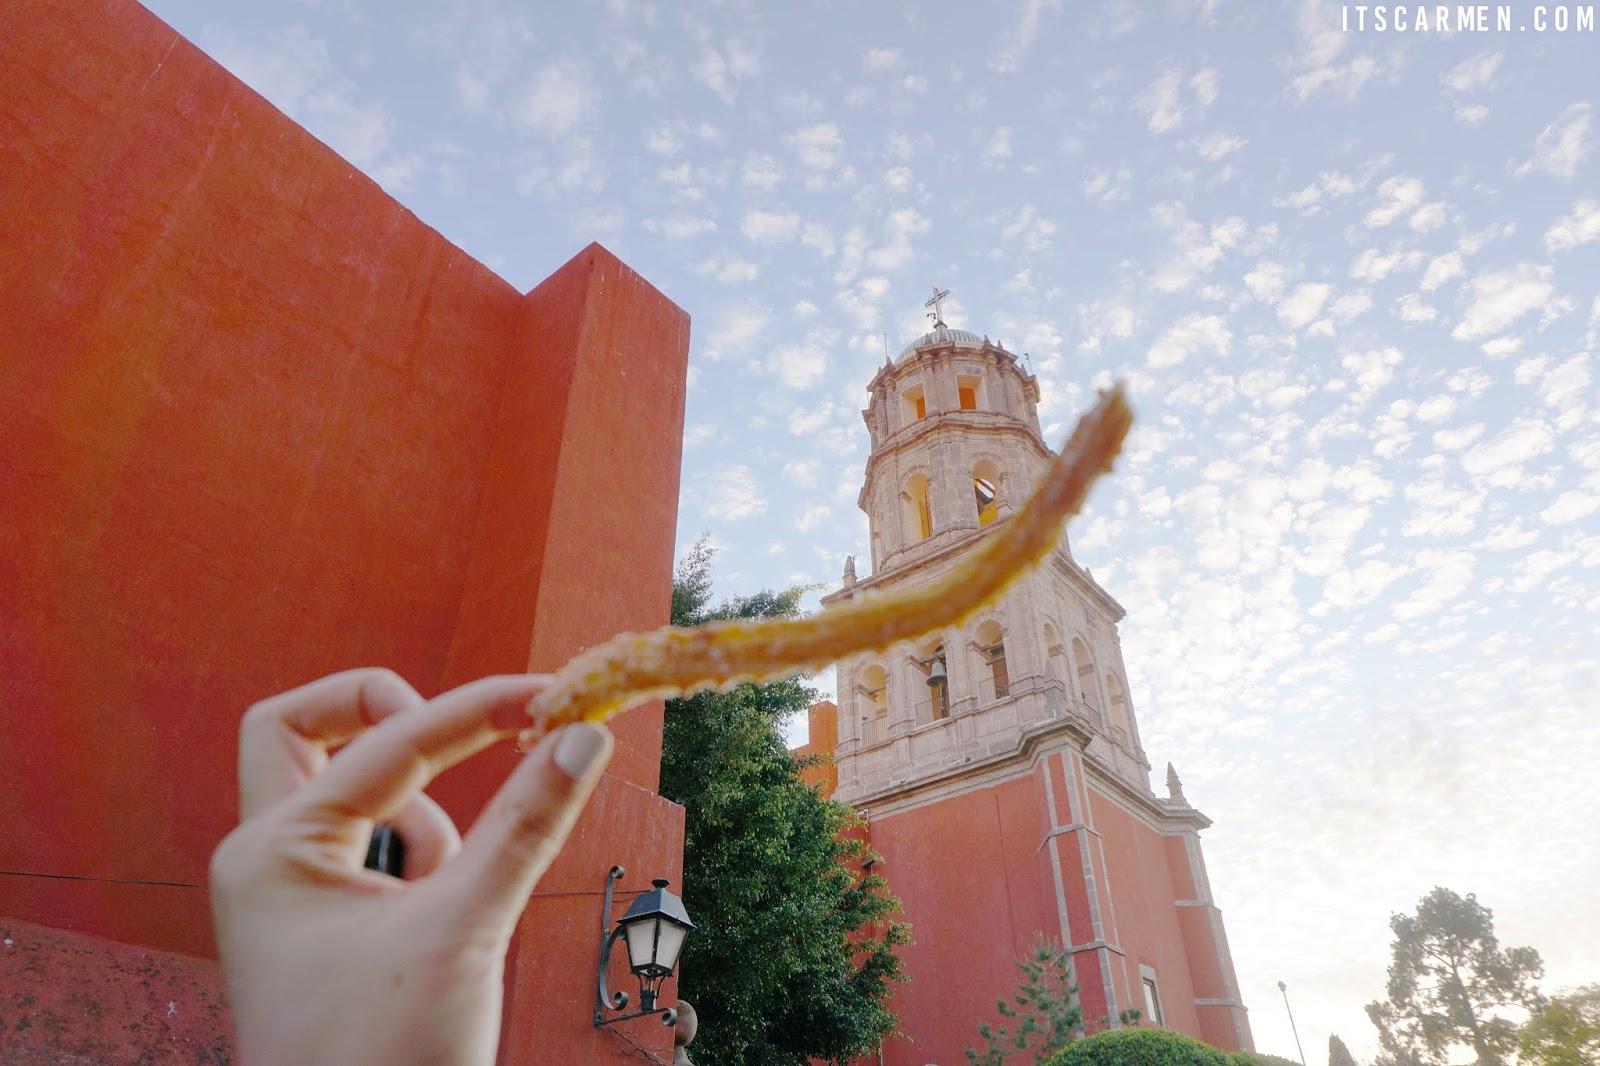 Things to Do in Queretaro Centro, Mexico eat churros